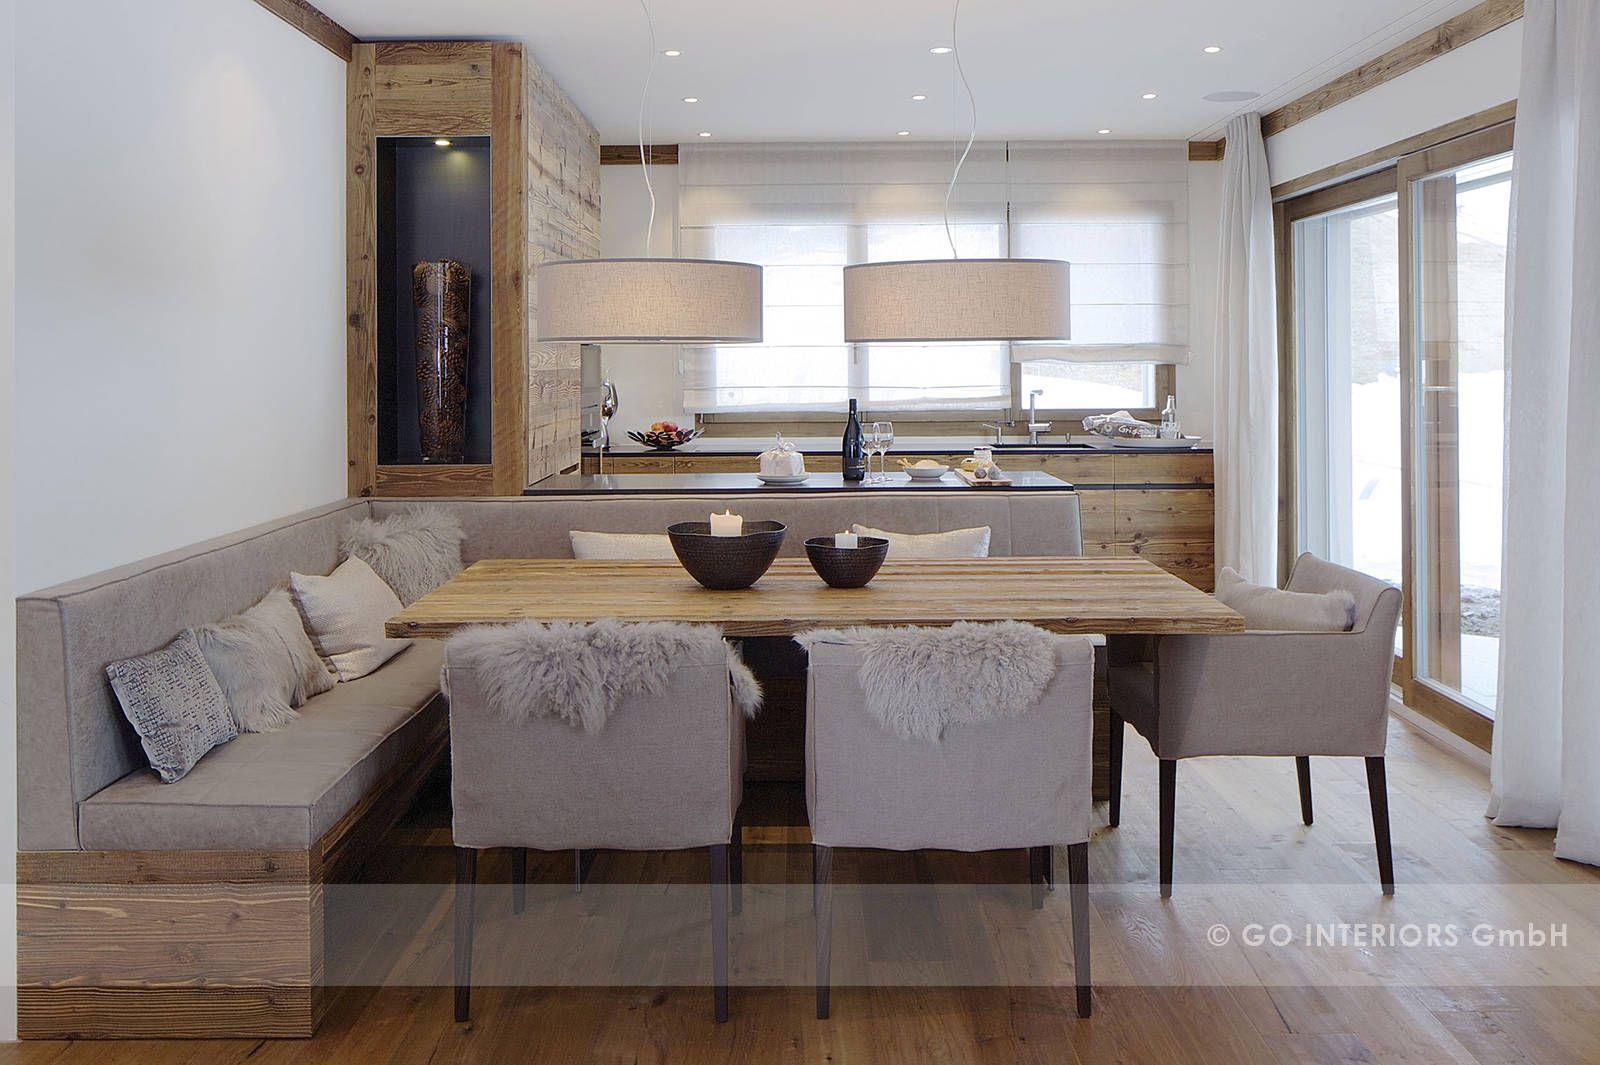 Wohnideen Interior Design Einrichtungsideen  Bilder  Rustikale esszimmer Rustikal und Esszimmer